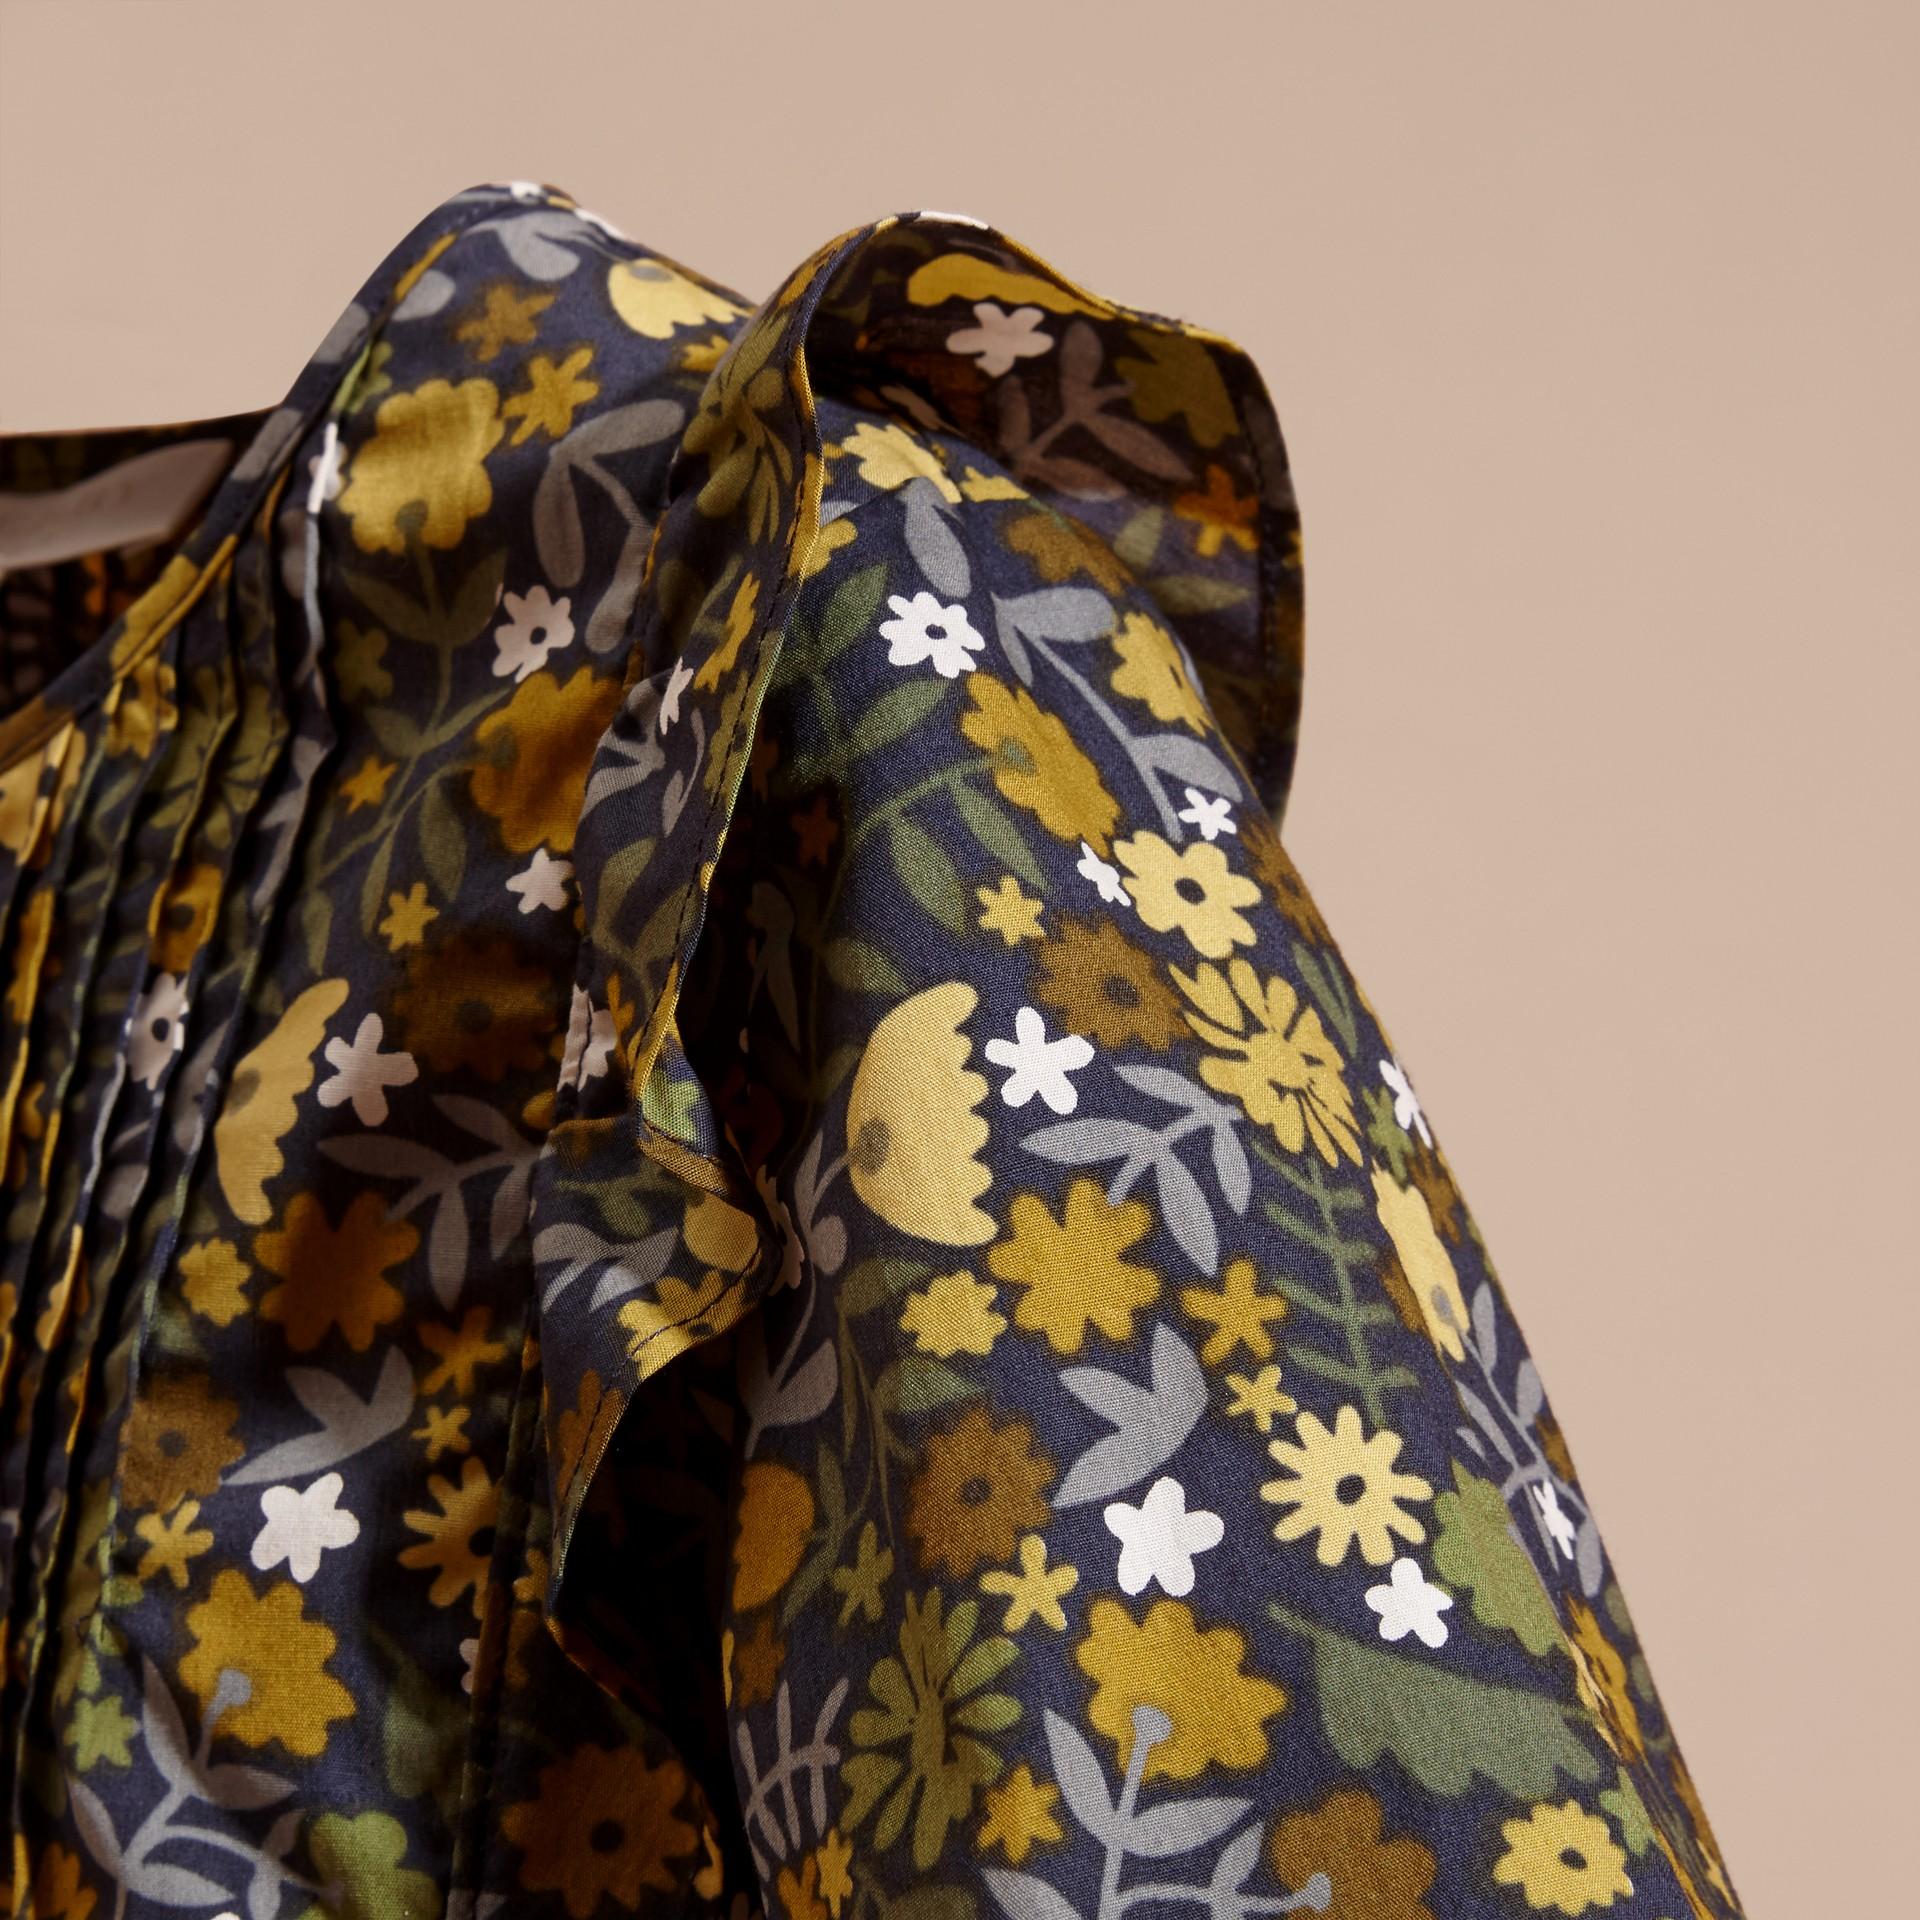 淡灰茶晶色 褶飾細節花朵印花棉質襯衫 淡灰茶晶色 - 圖庫照片 2